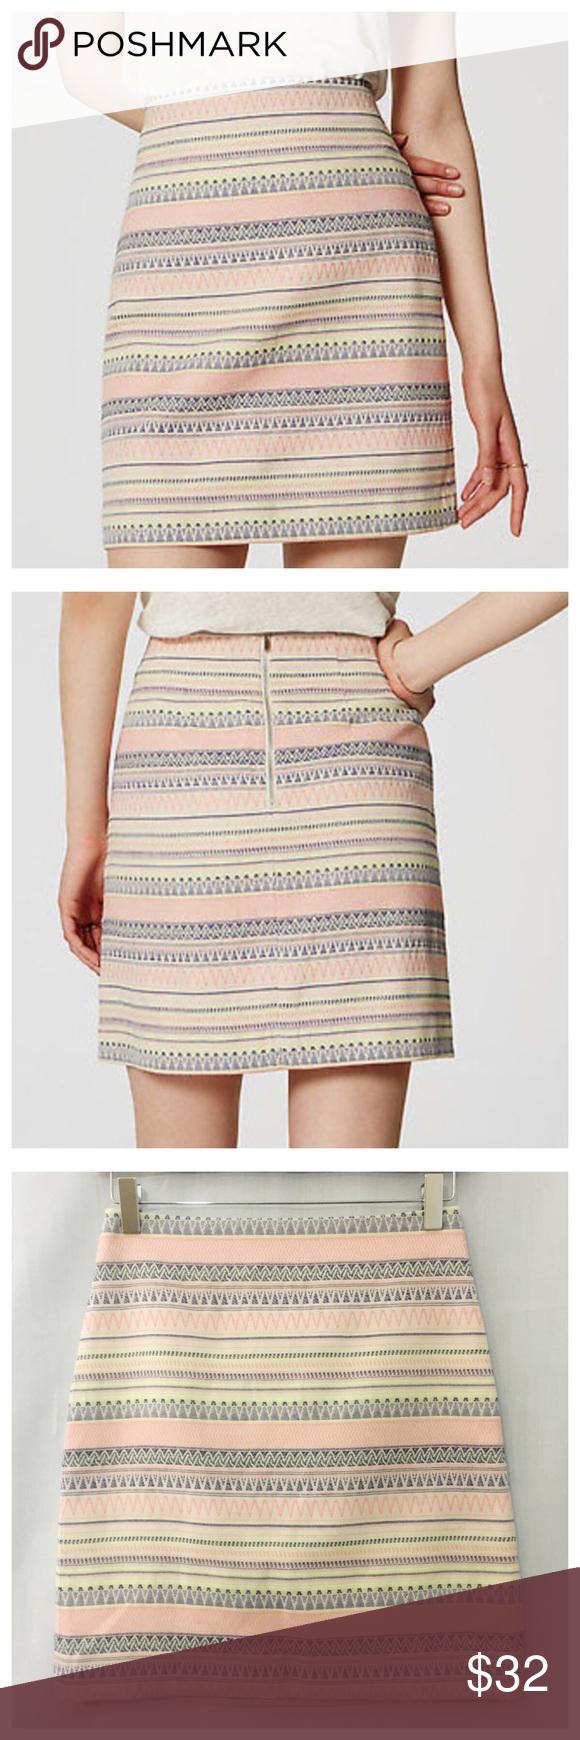 a63493e371 Ann Taylor Loft Jacquard Stripe Pink Pencil Skirt Ann Taylor Loft Jacquard  Stripe Pink Pencil Skirt